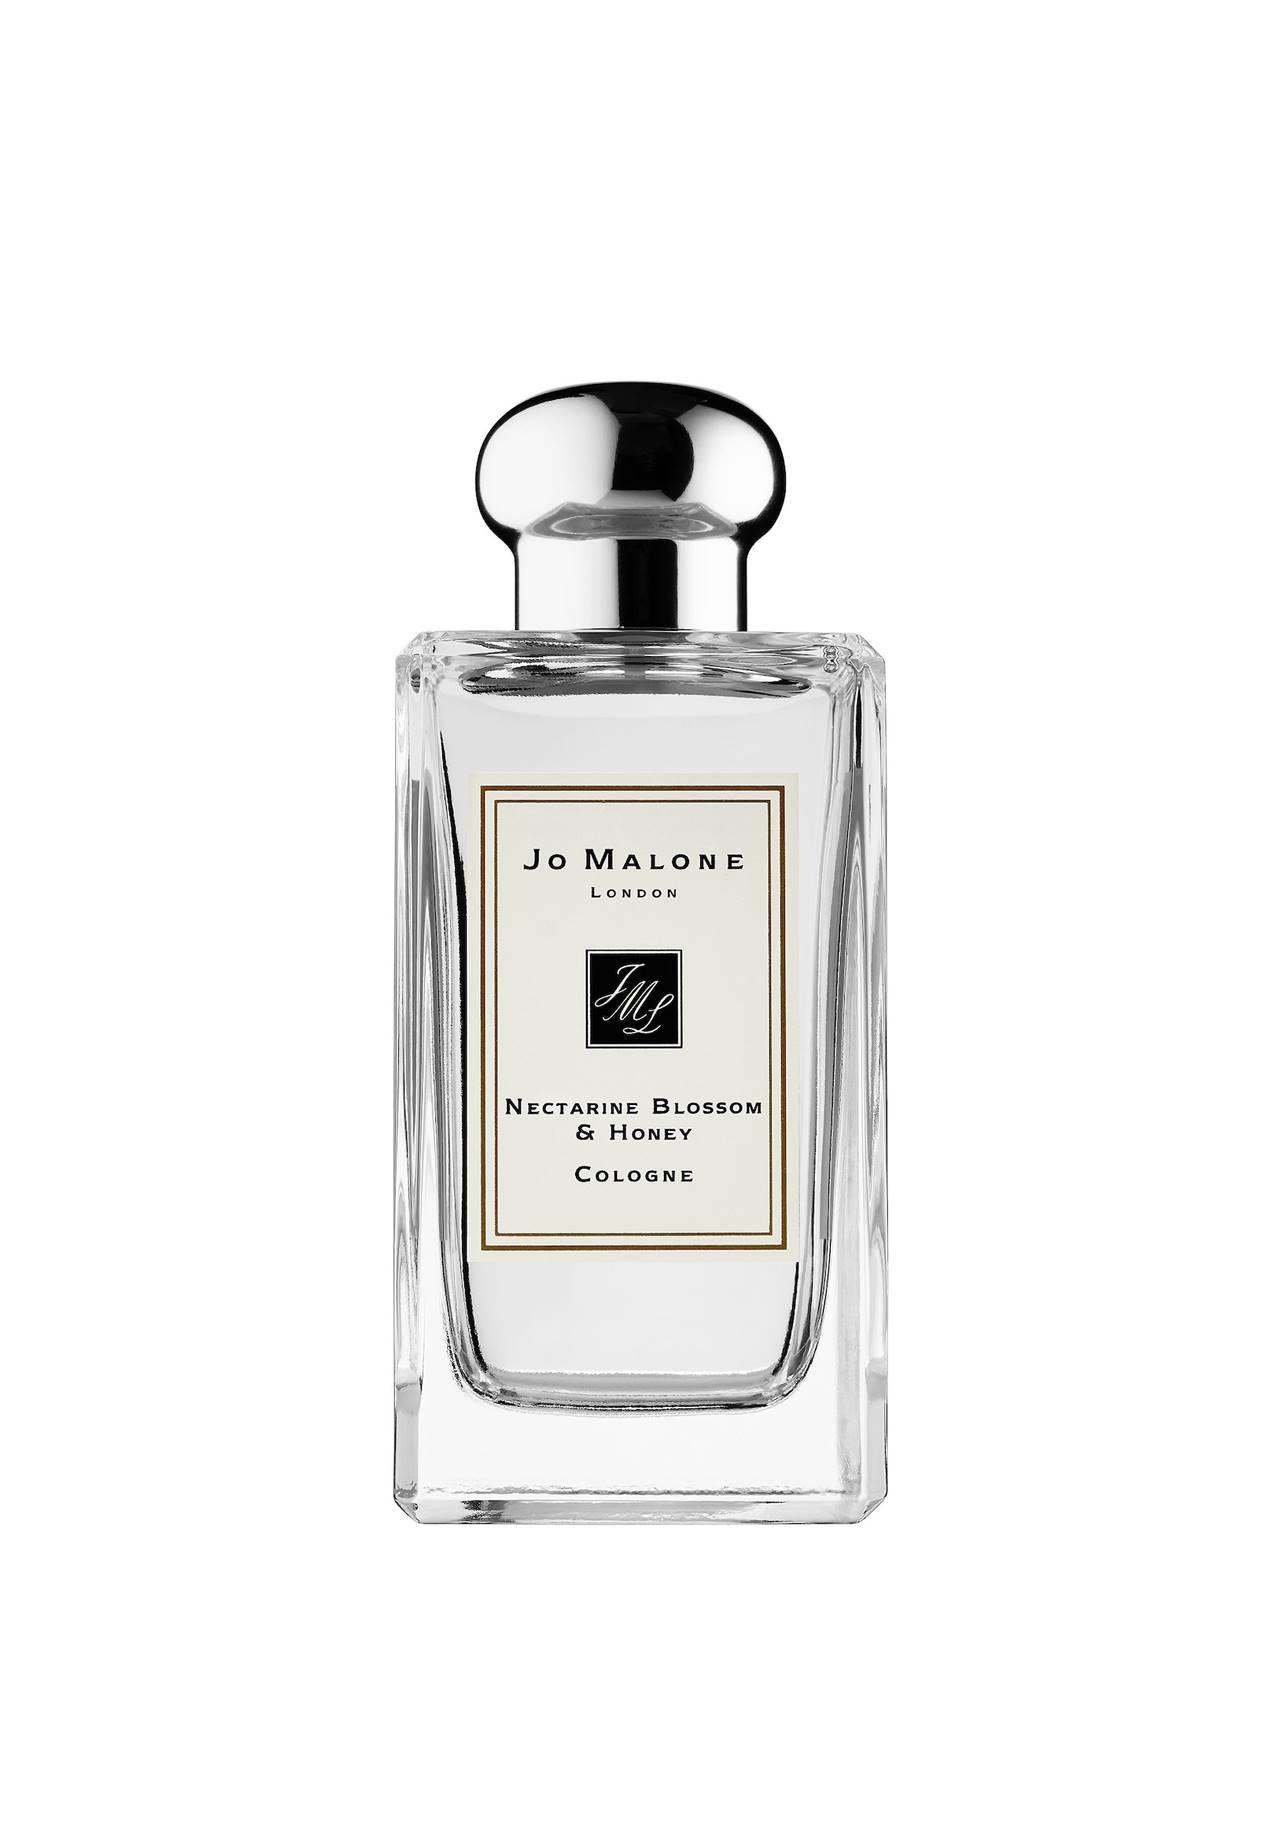 95 Fotos de Perfumes, colonias y fragancias